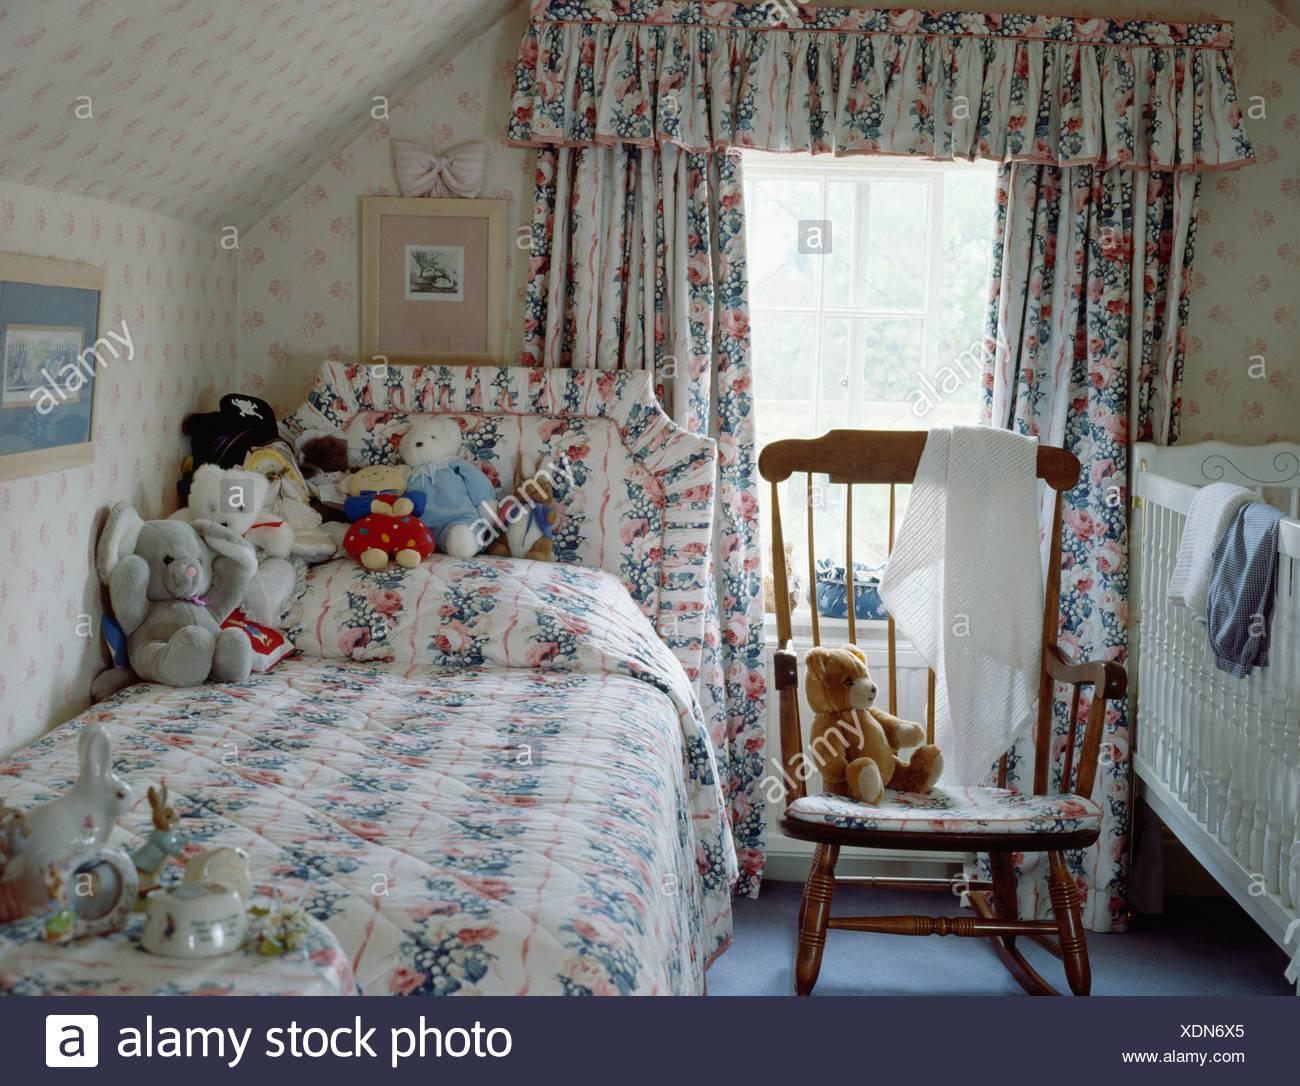 https www alamyimages fr le linge de lit a motifs fleuris et des rideaux assortis childs chambre mansardee avec lit bebe et lit simple image283822845 html